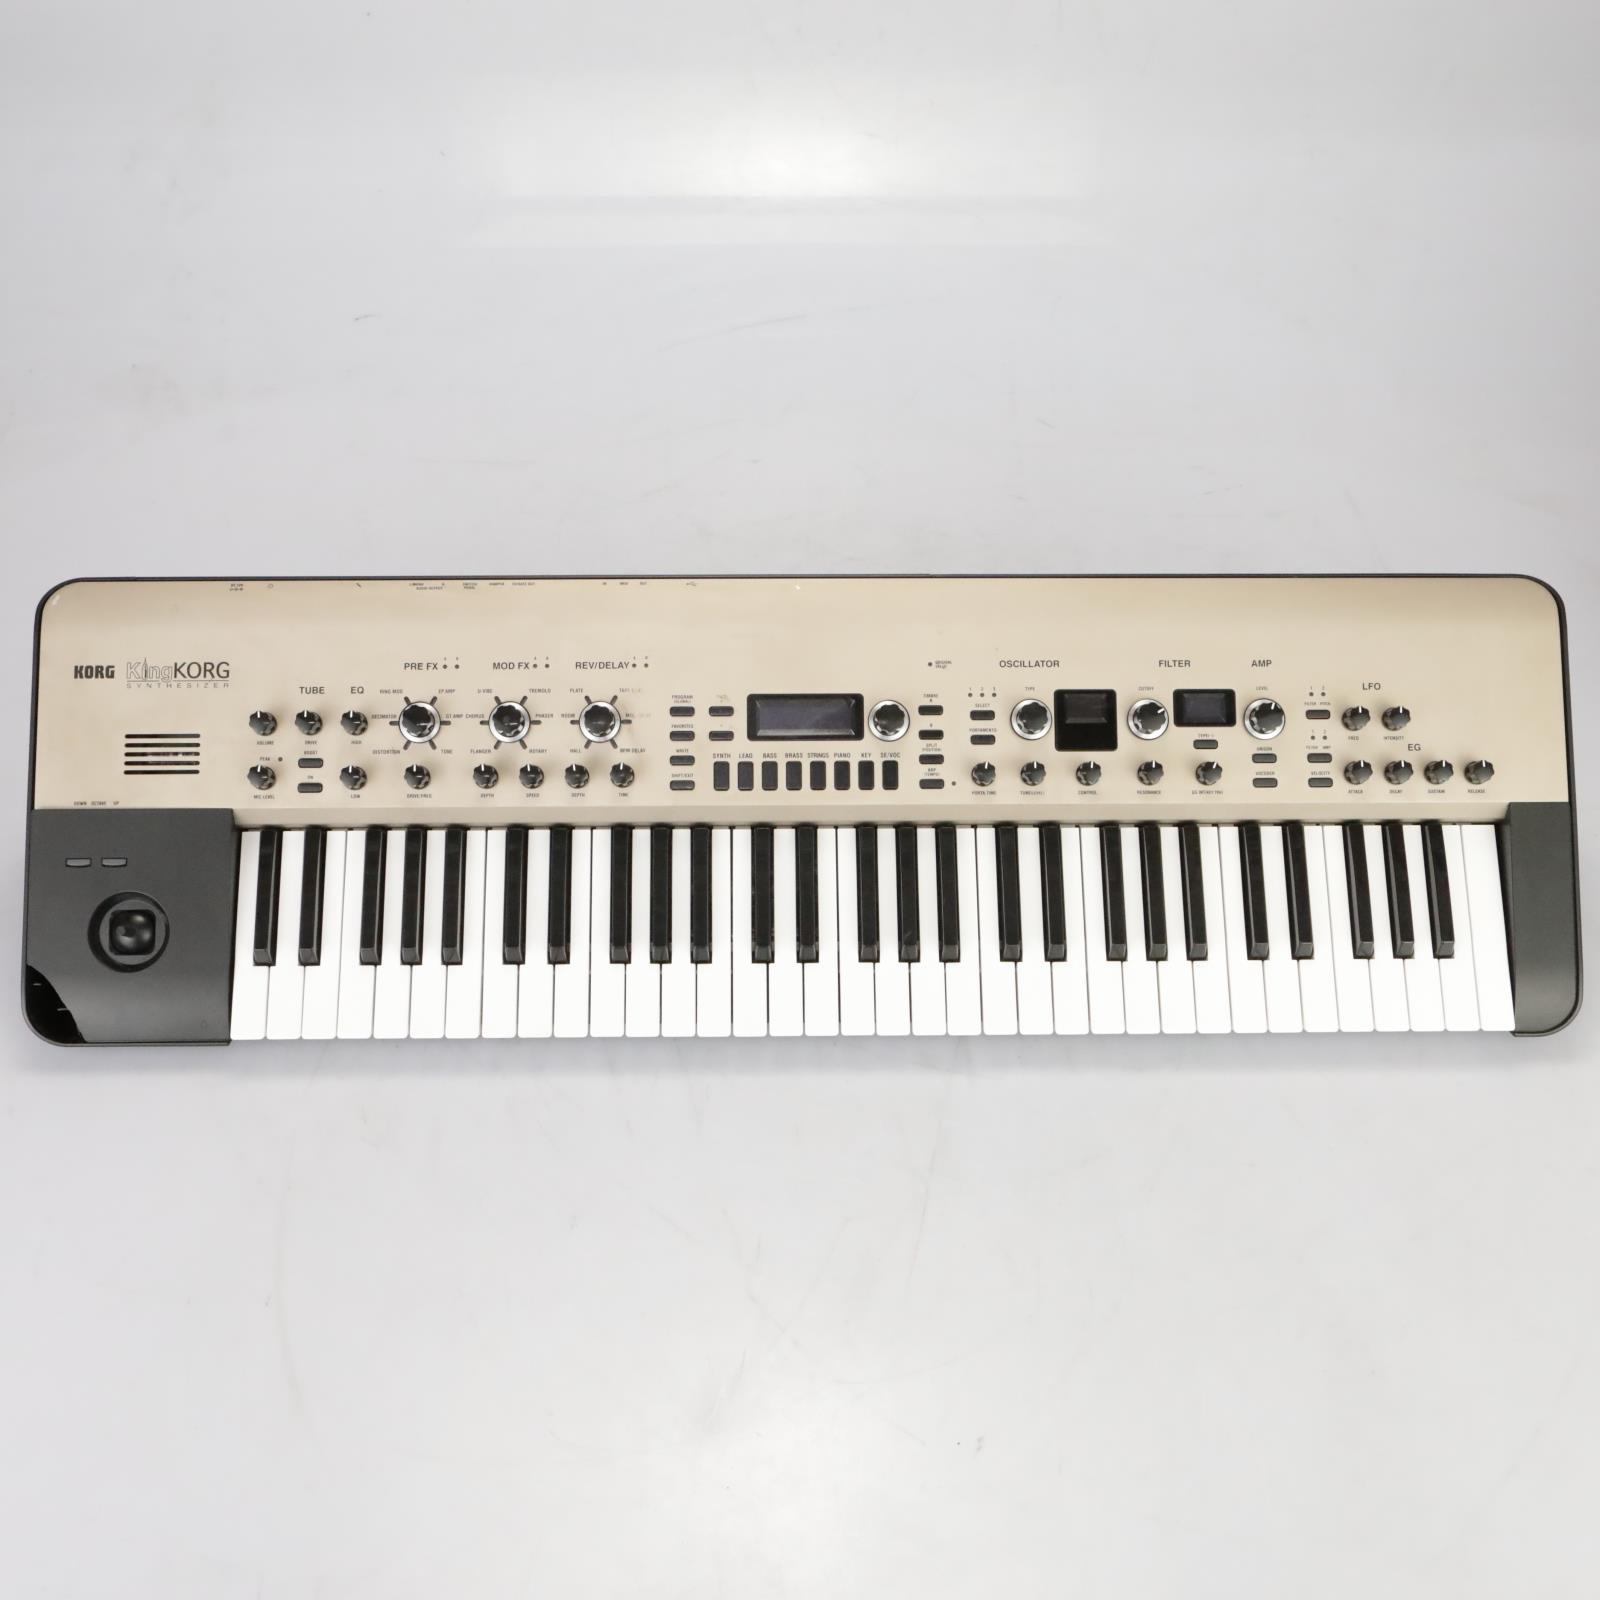 Korg KingKorg 61-Key Analog Modeling Synthesizer Keyboard #37911